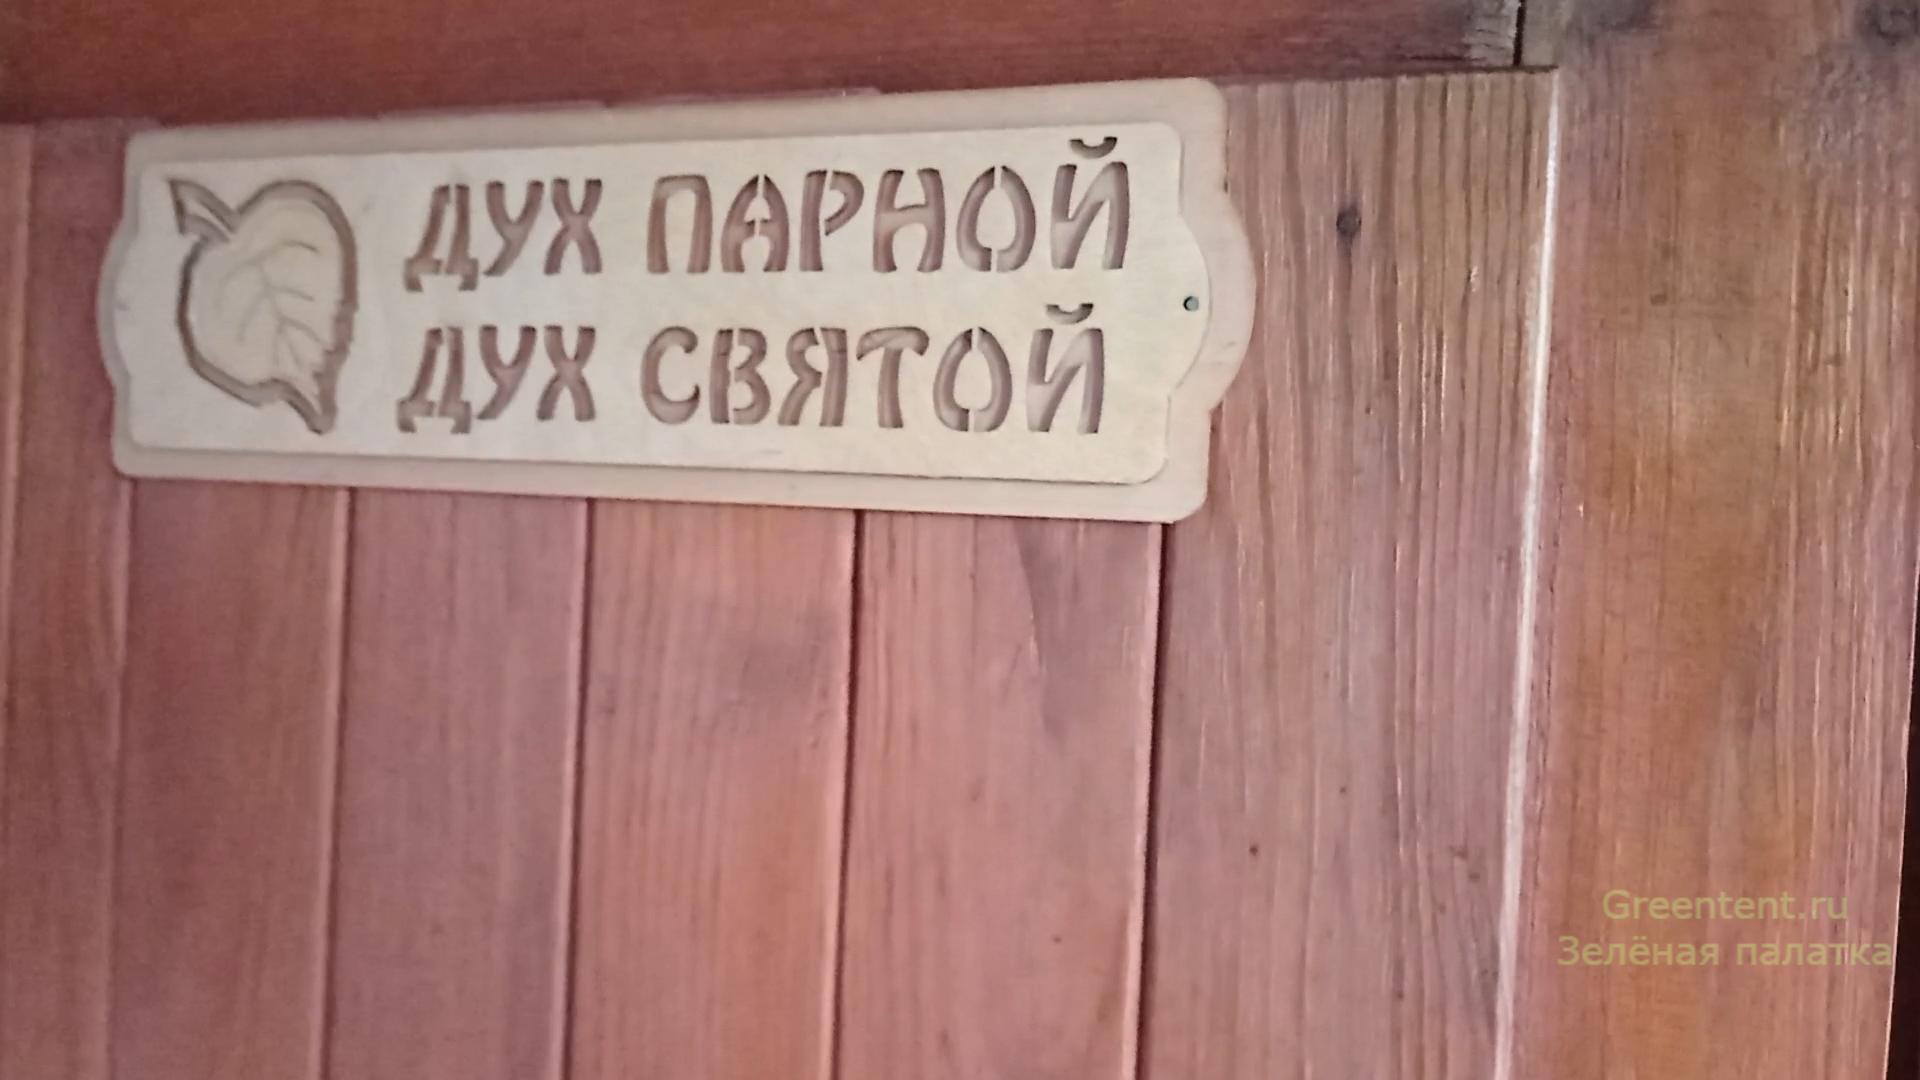 собирать грибы тихая охота баня пар табличка дверь зеленая палатка